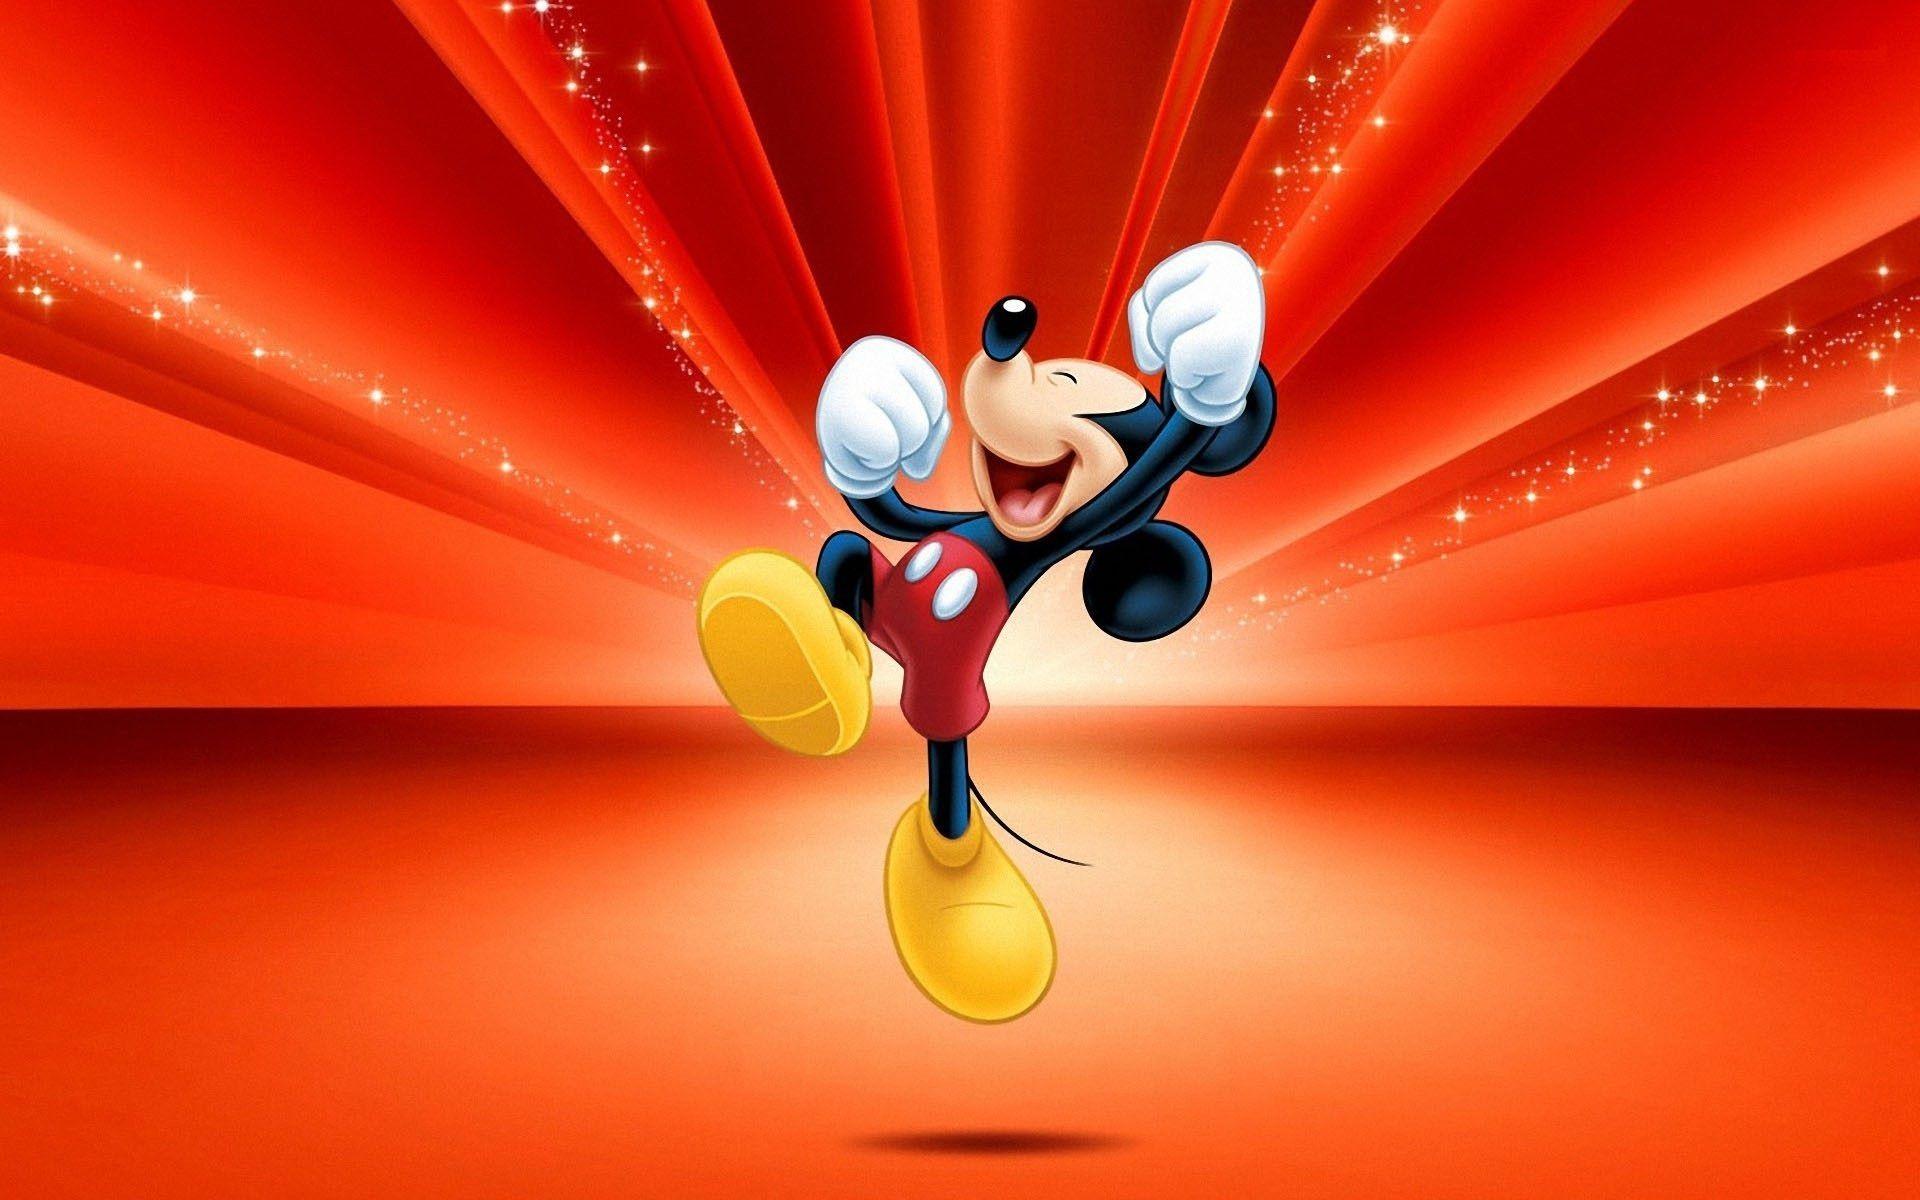 Happy Mickey Mouse HD Wallpaper (con imágenes) Imagenes